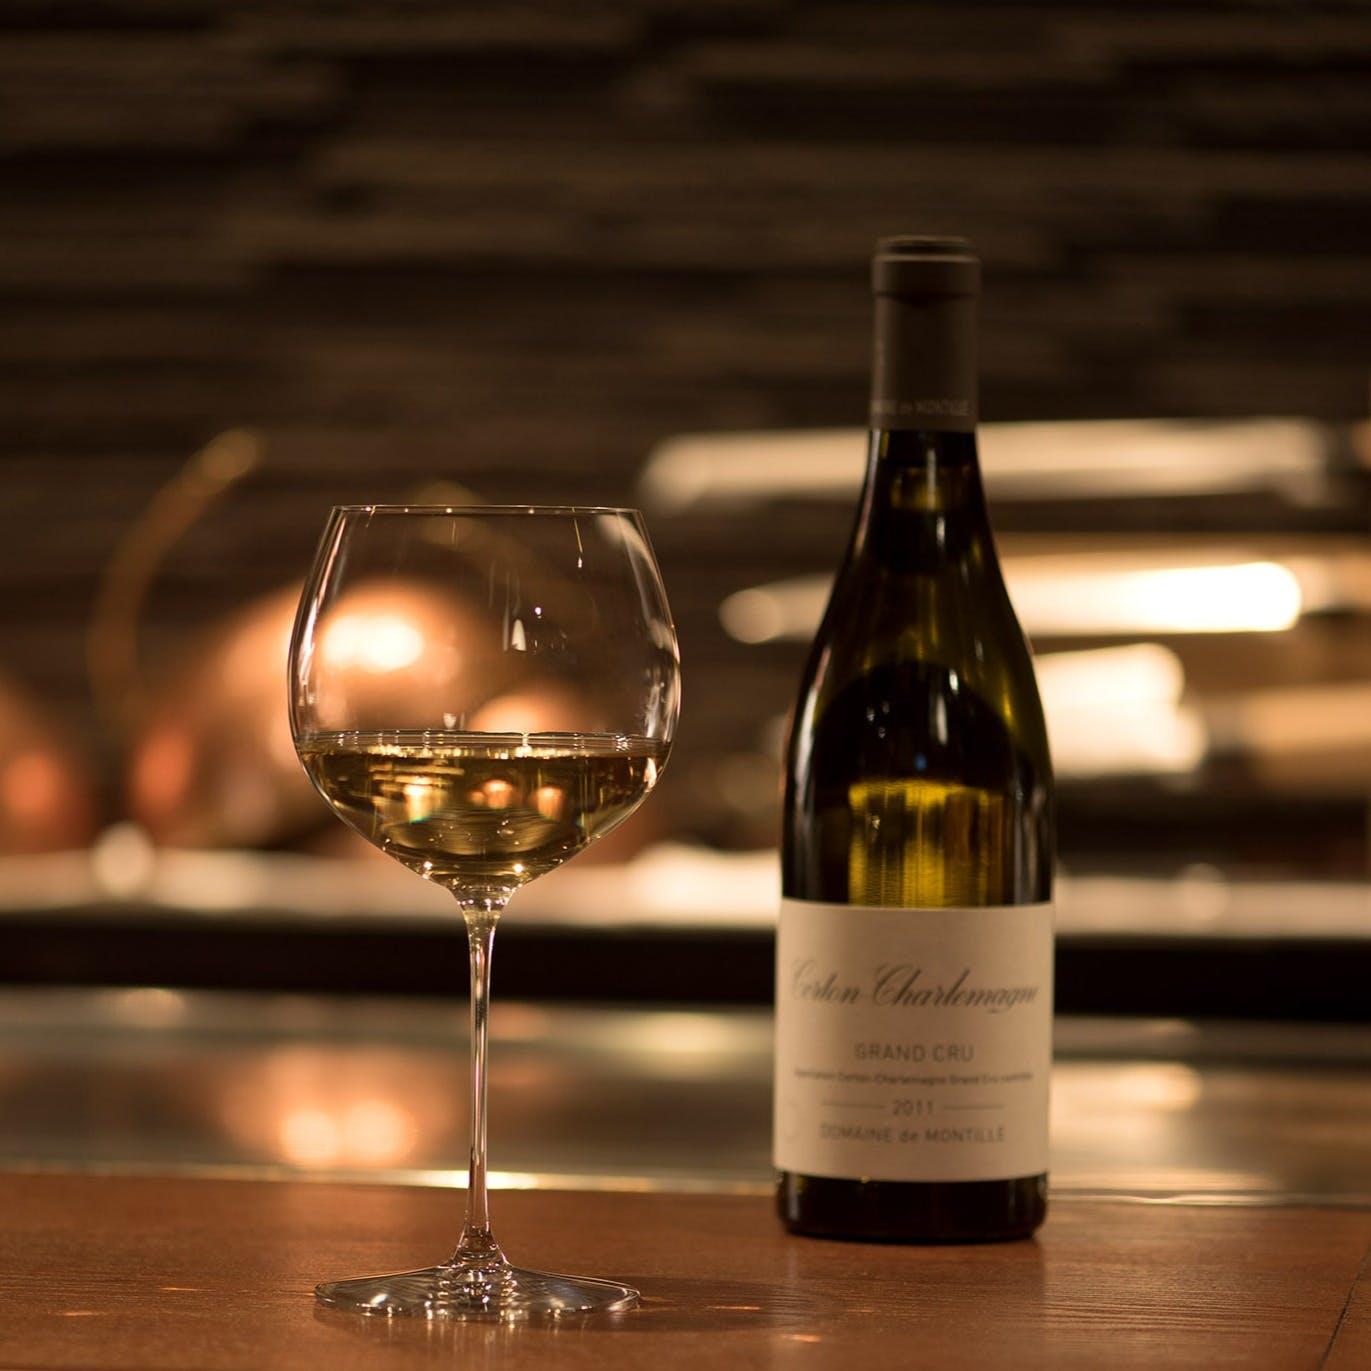 フランス産ワインや希少な日本酒など、選りすぐりの美酒をご用意